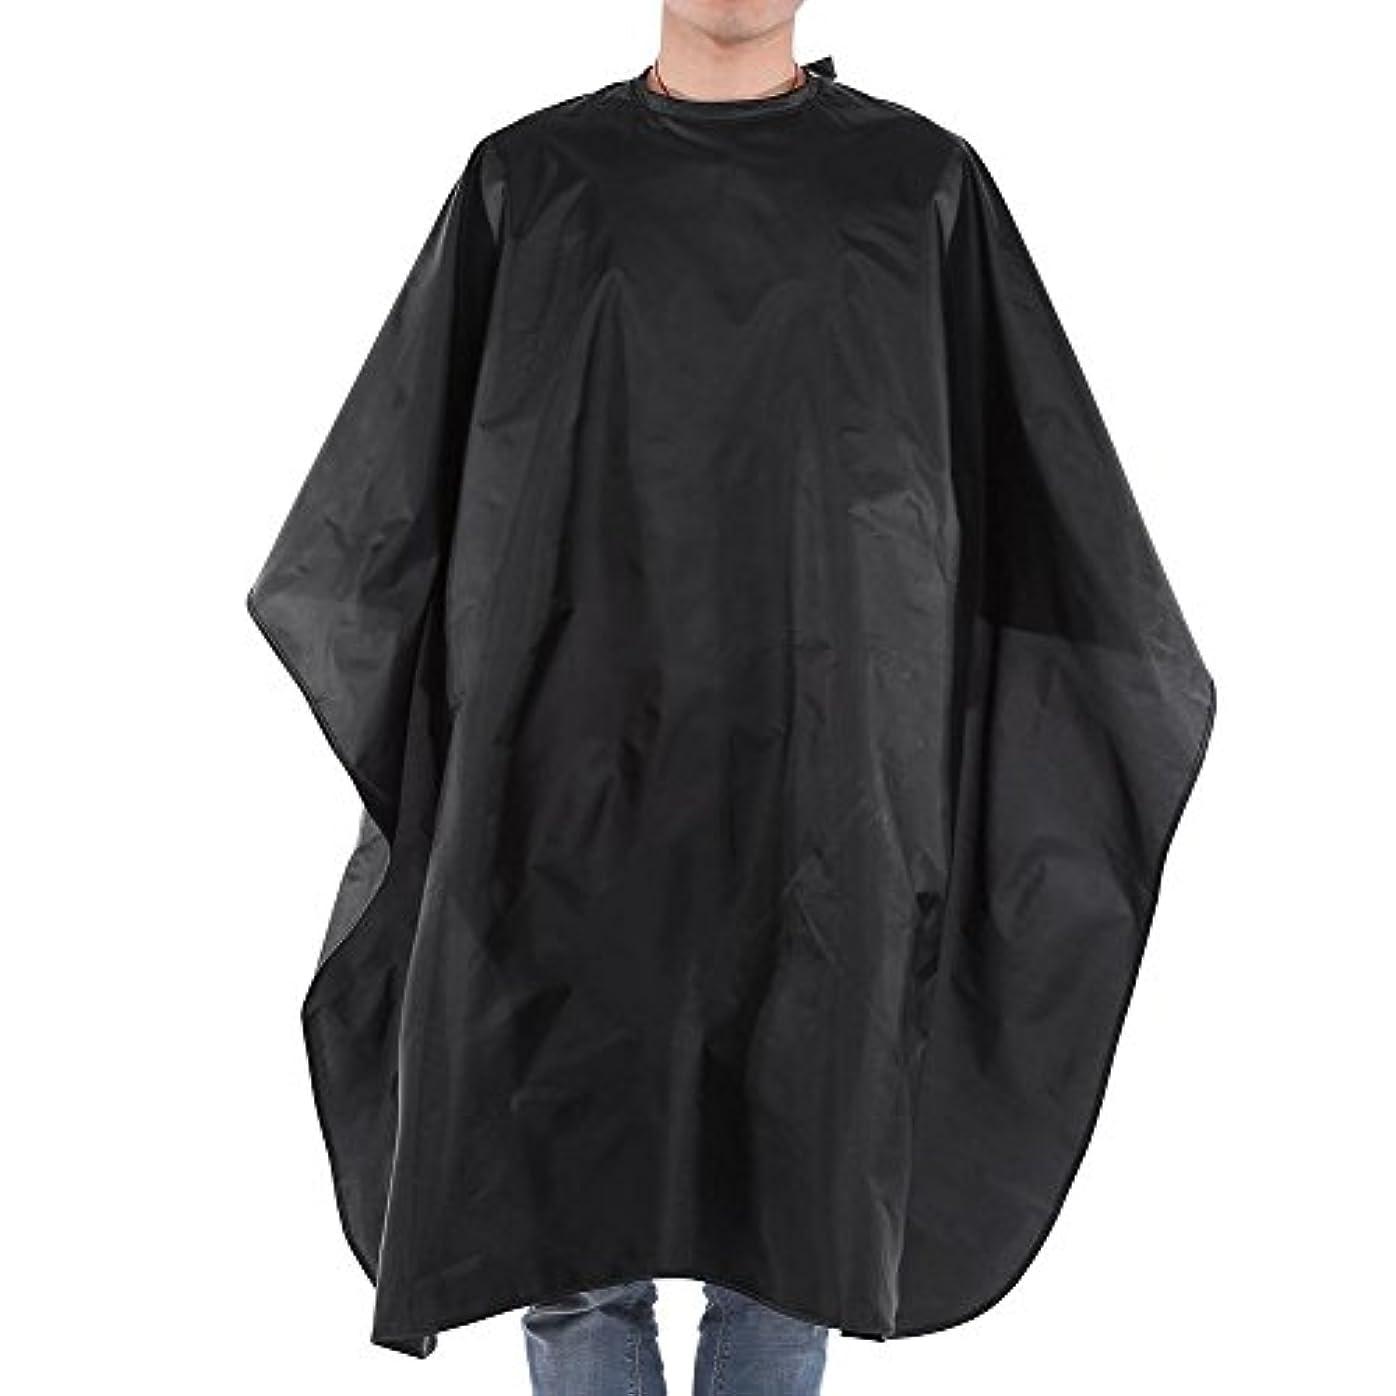 評決乱すまっすぐにする理容室スタイリングケープ、ブラックサロンヘアカット理髪理髪店ケープガウン大人の布防水スナップクロージャー59×47インチ